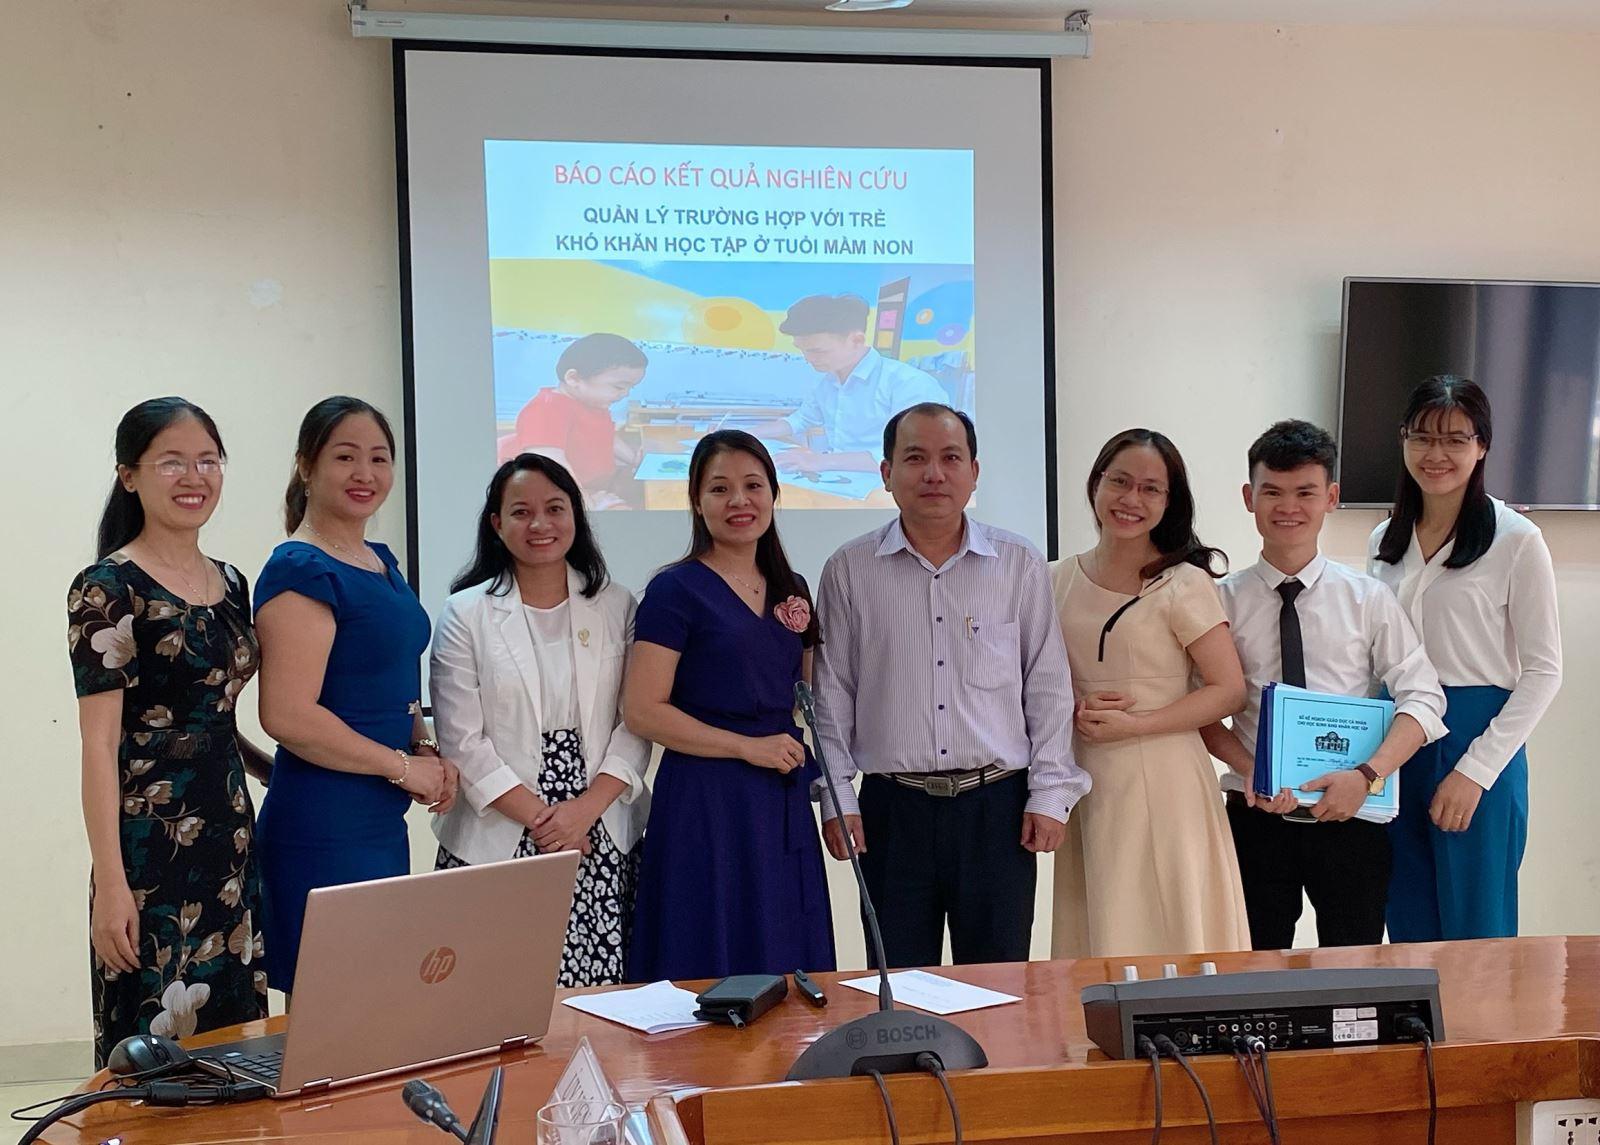 Nghiệm thu đề tài nghiên cứu khoa học cấp cơ sở tại Phân hiệu Học viện Phụ nữ Việt Nam